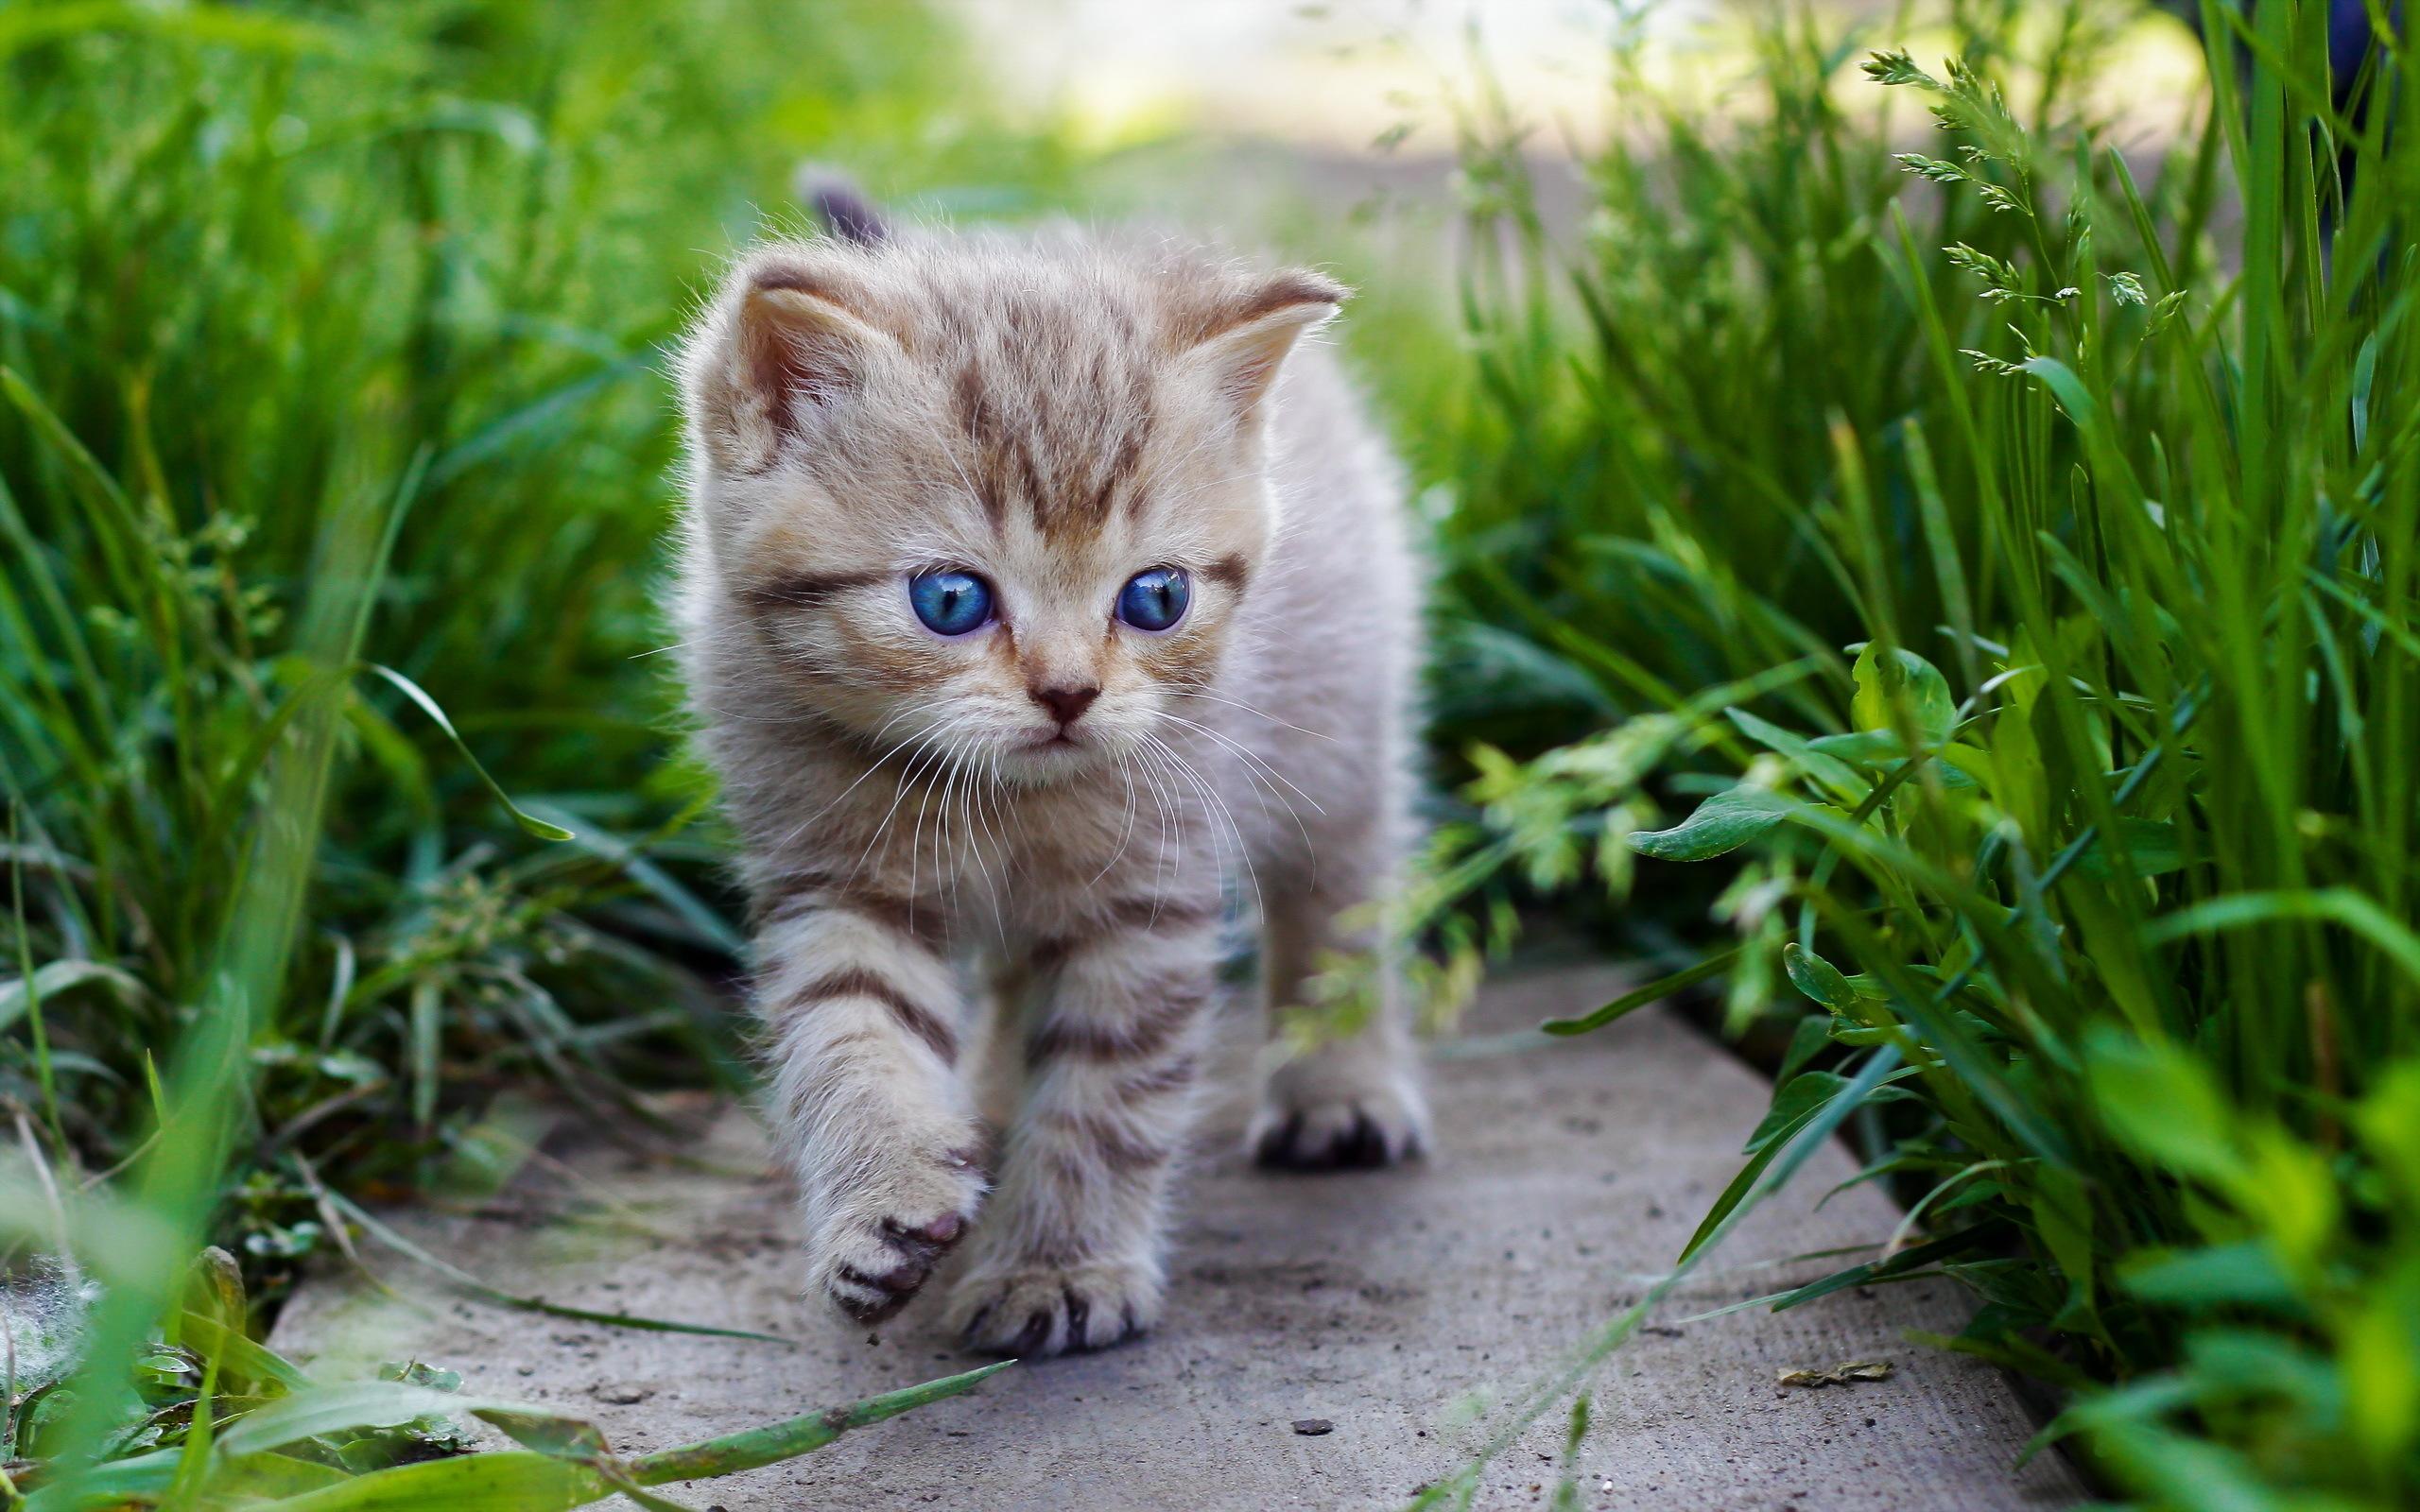 cats kittens grass animals kitten eyes baby cute cat